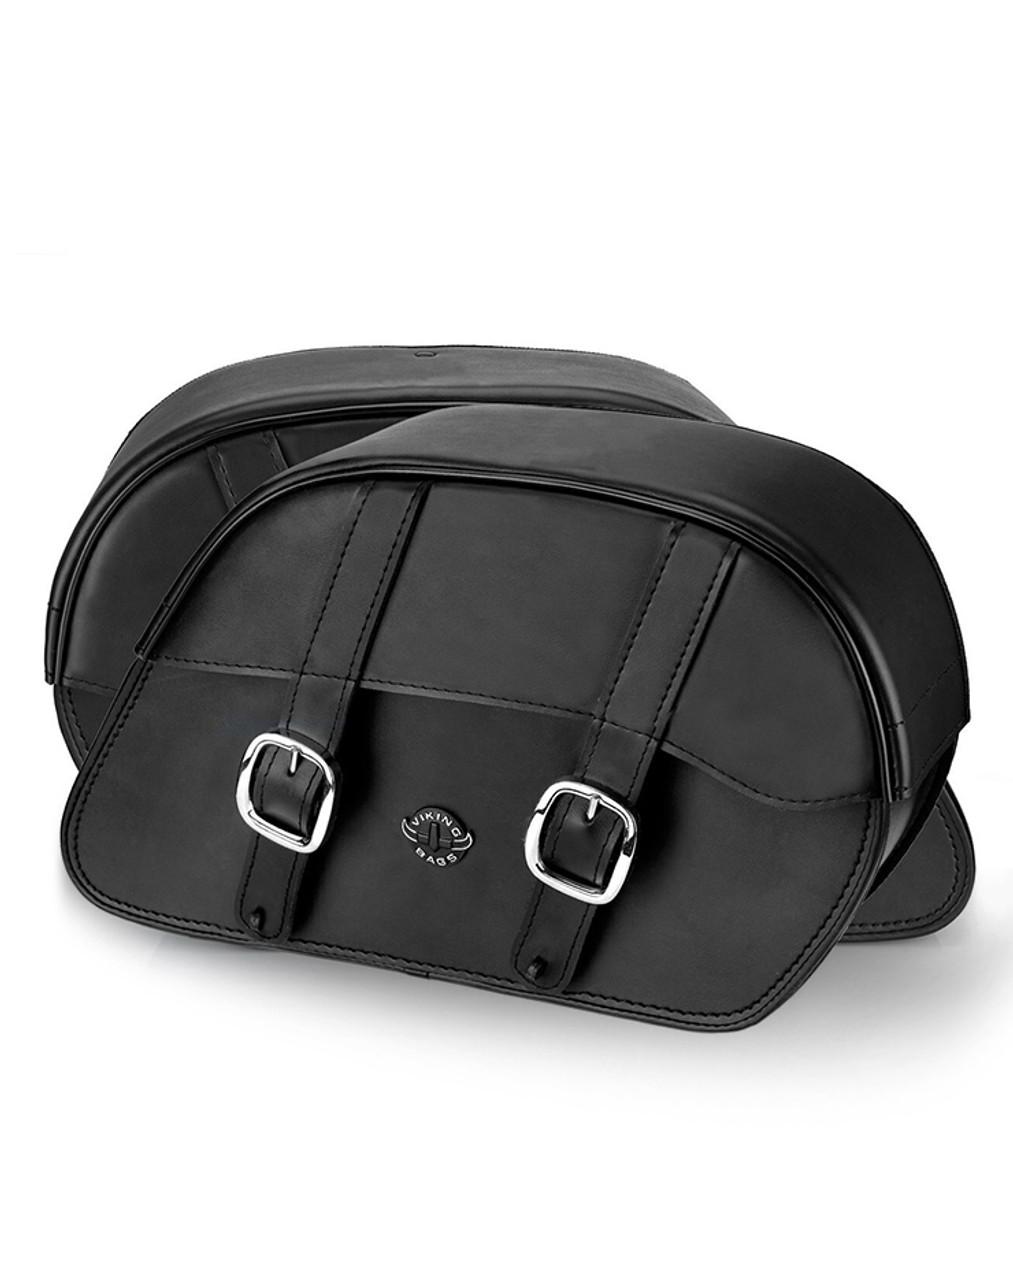 Kawasaki Vulcan S ABS Cafe Slanted Medium Motorcycle Saddlebags Both Bags View